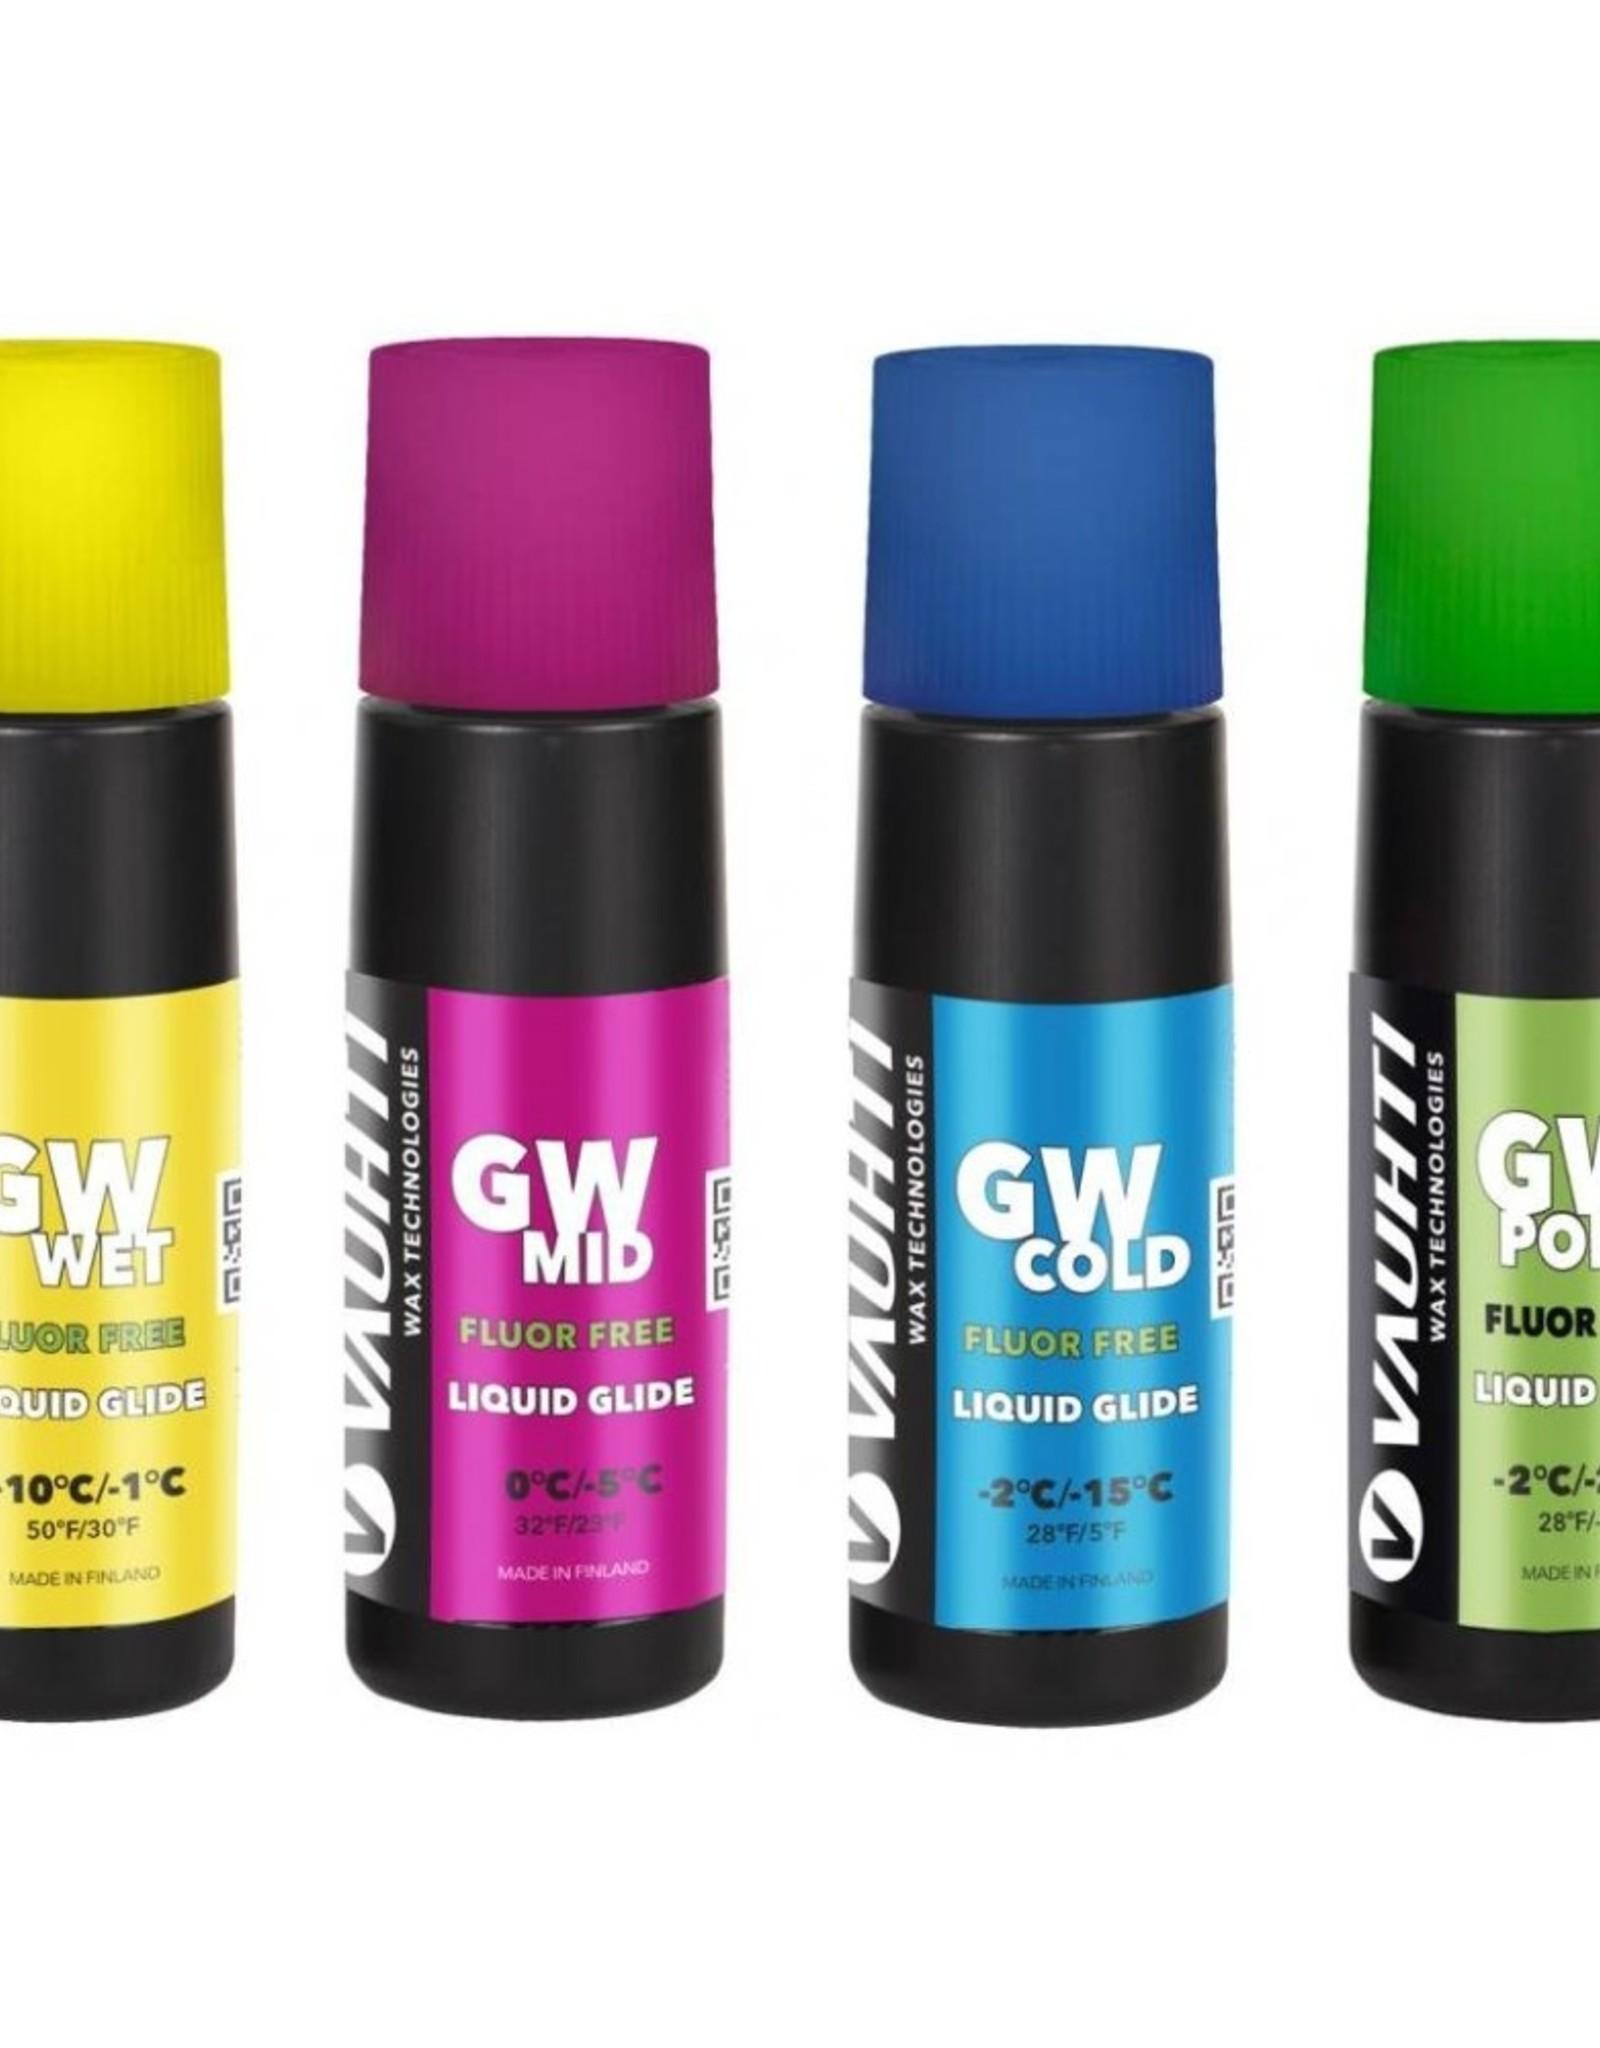 Vauhti GW Liquid Glide